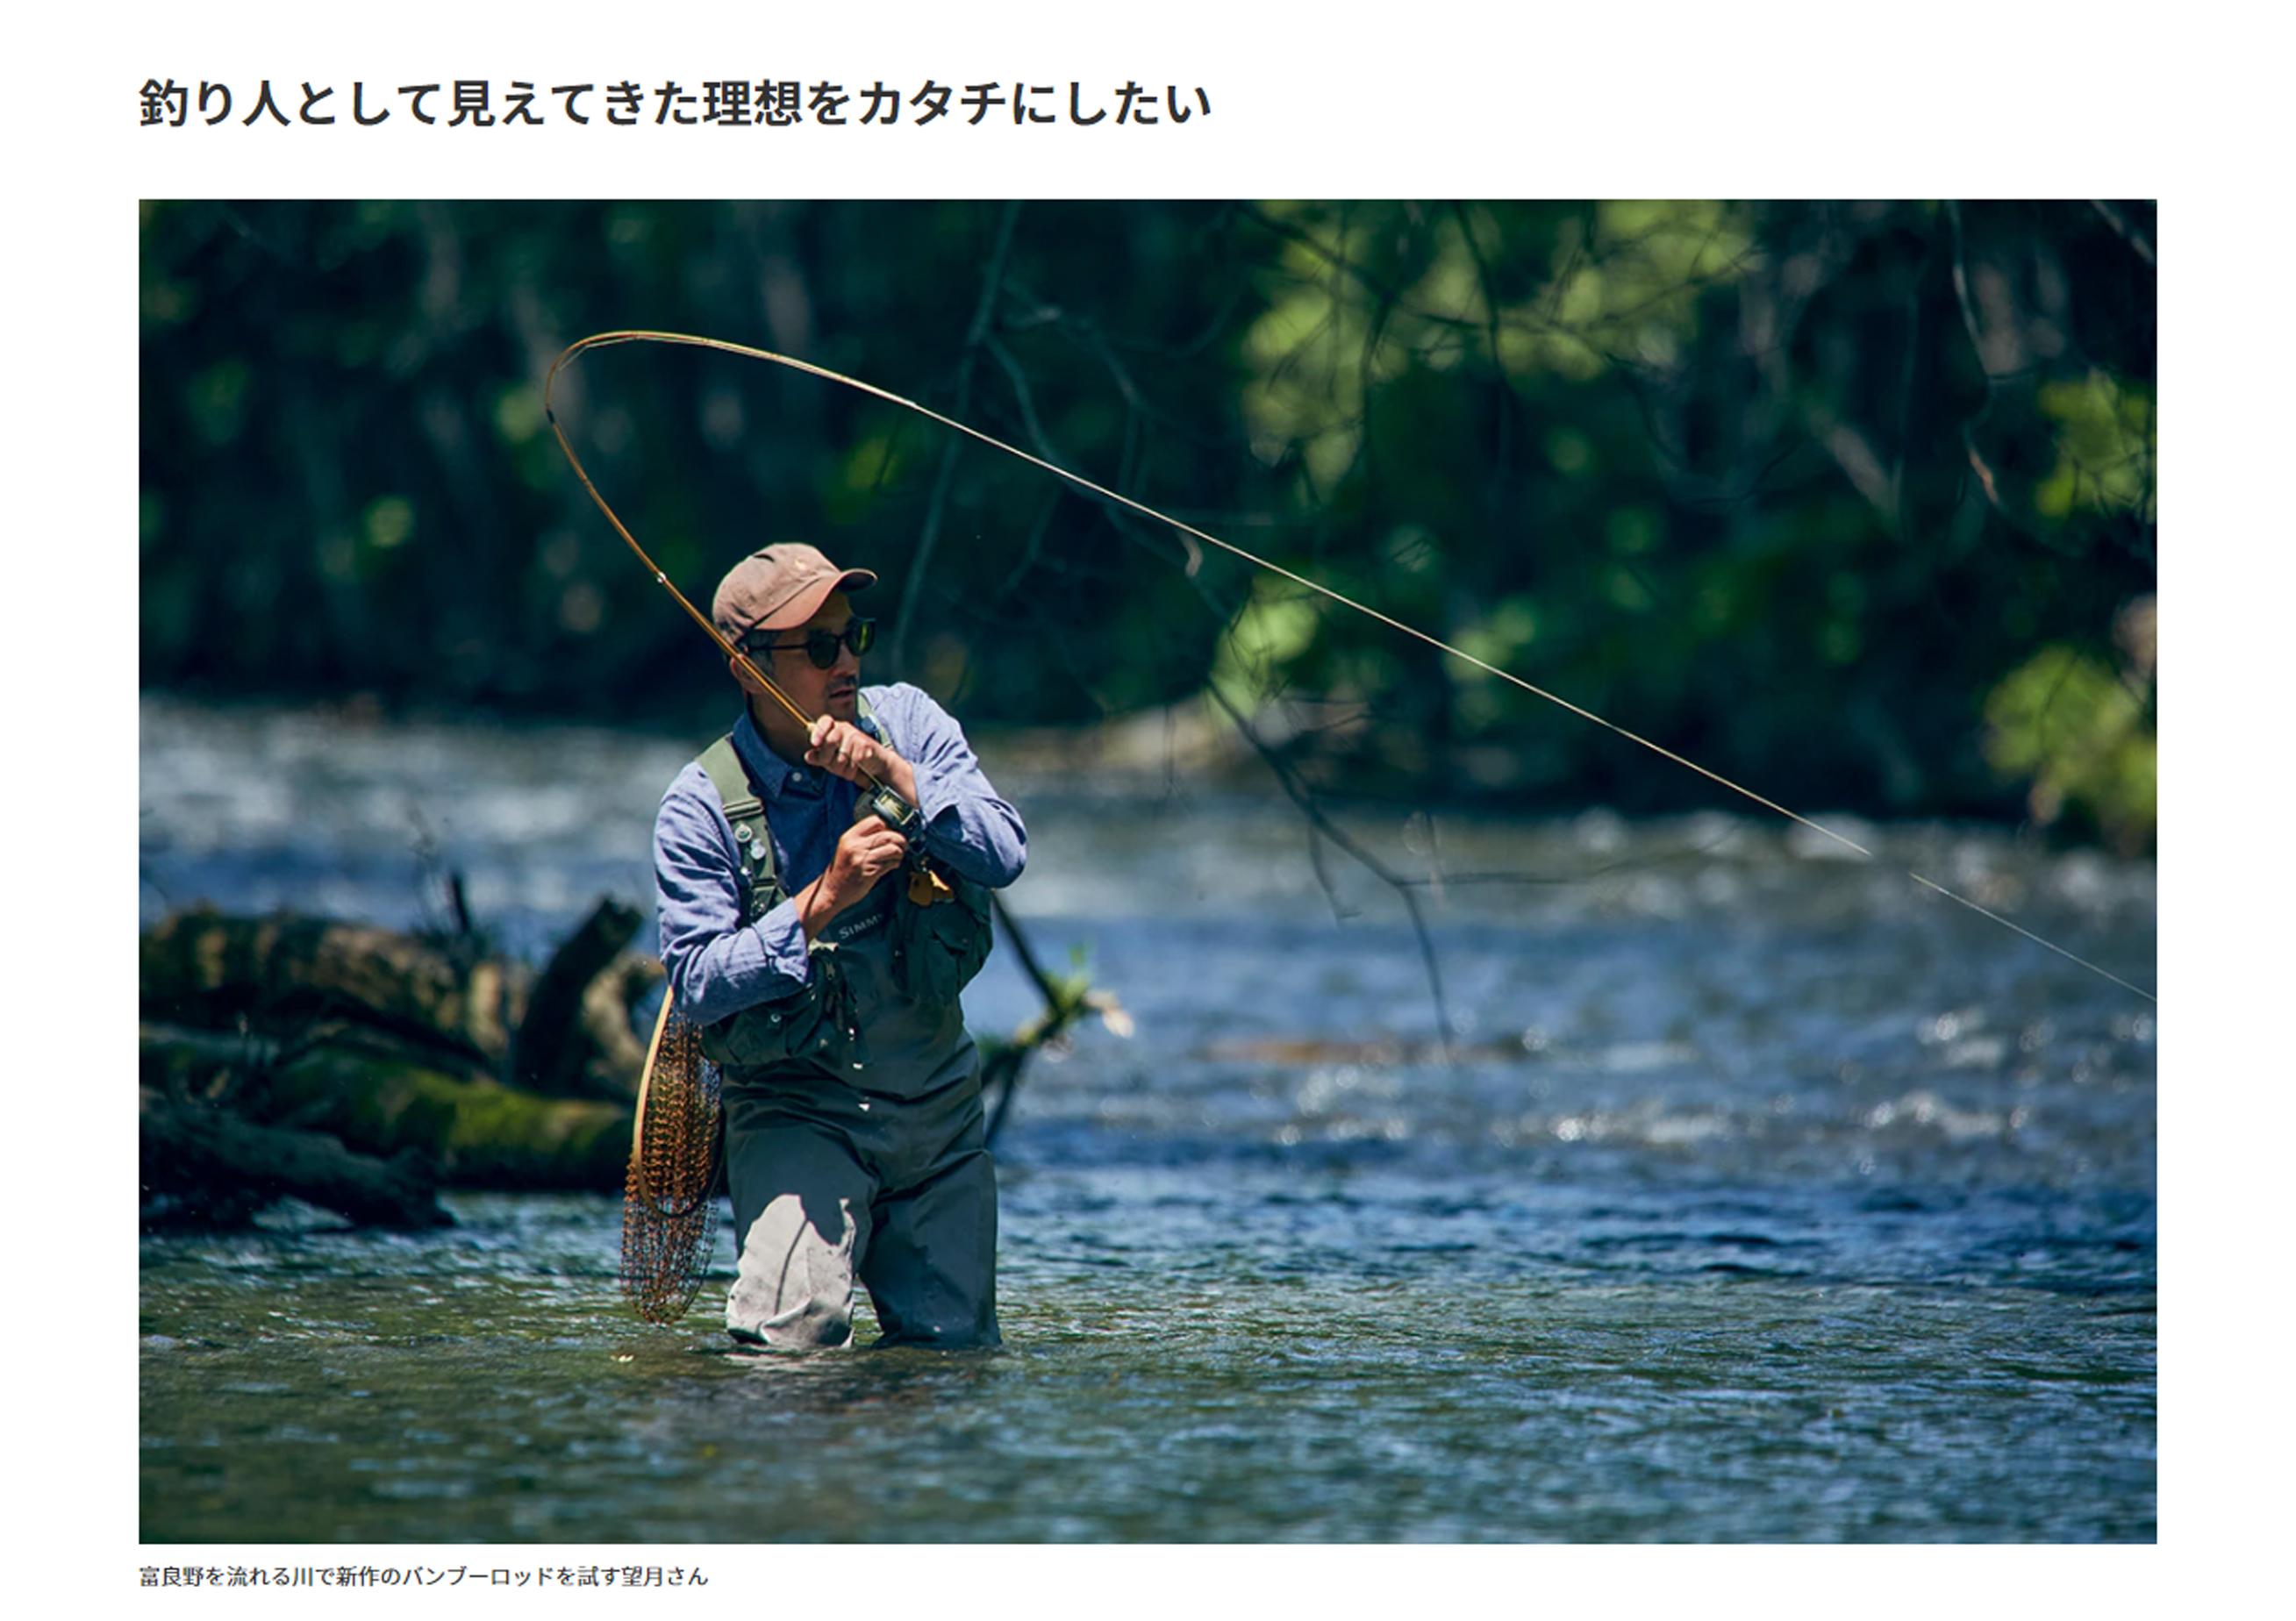 【技に触れる旅】至高のバンブーロッドを求めてトラウト王国・北海道へ行く07